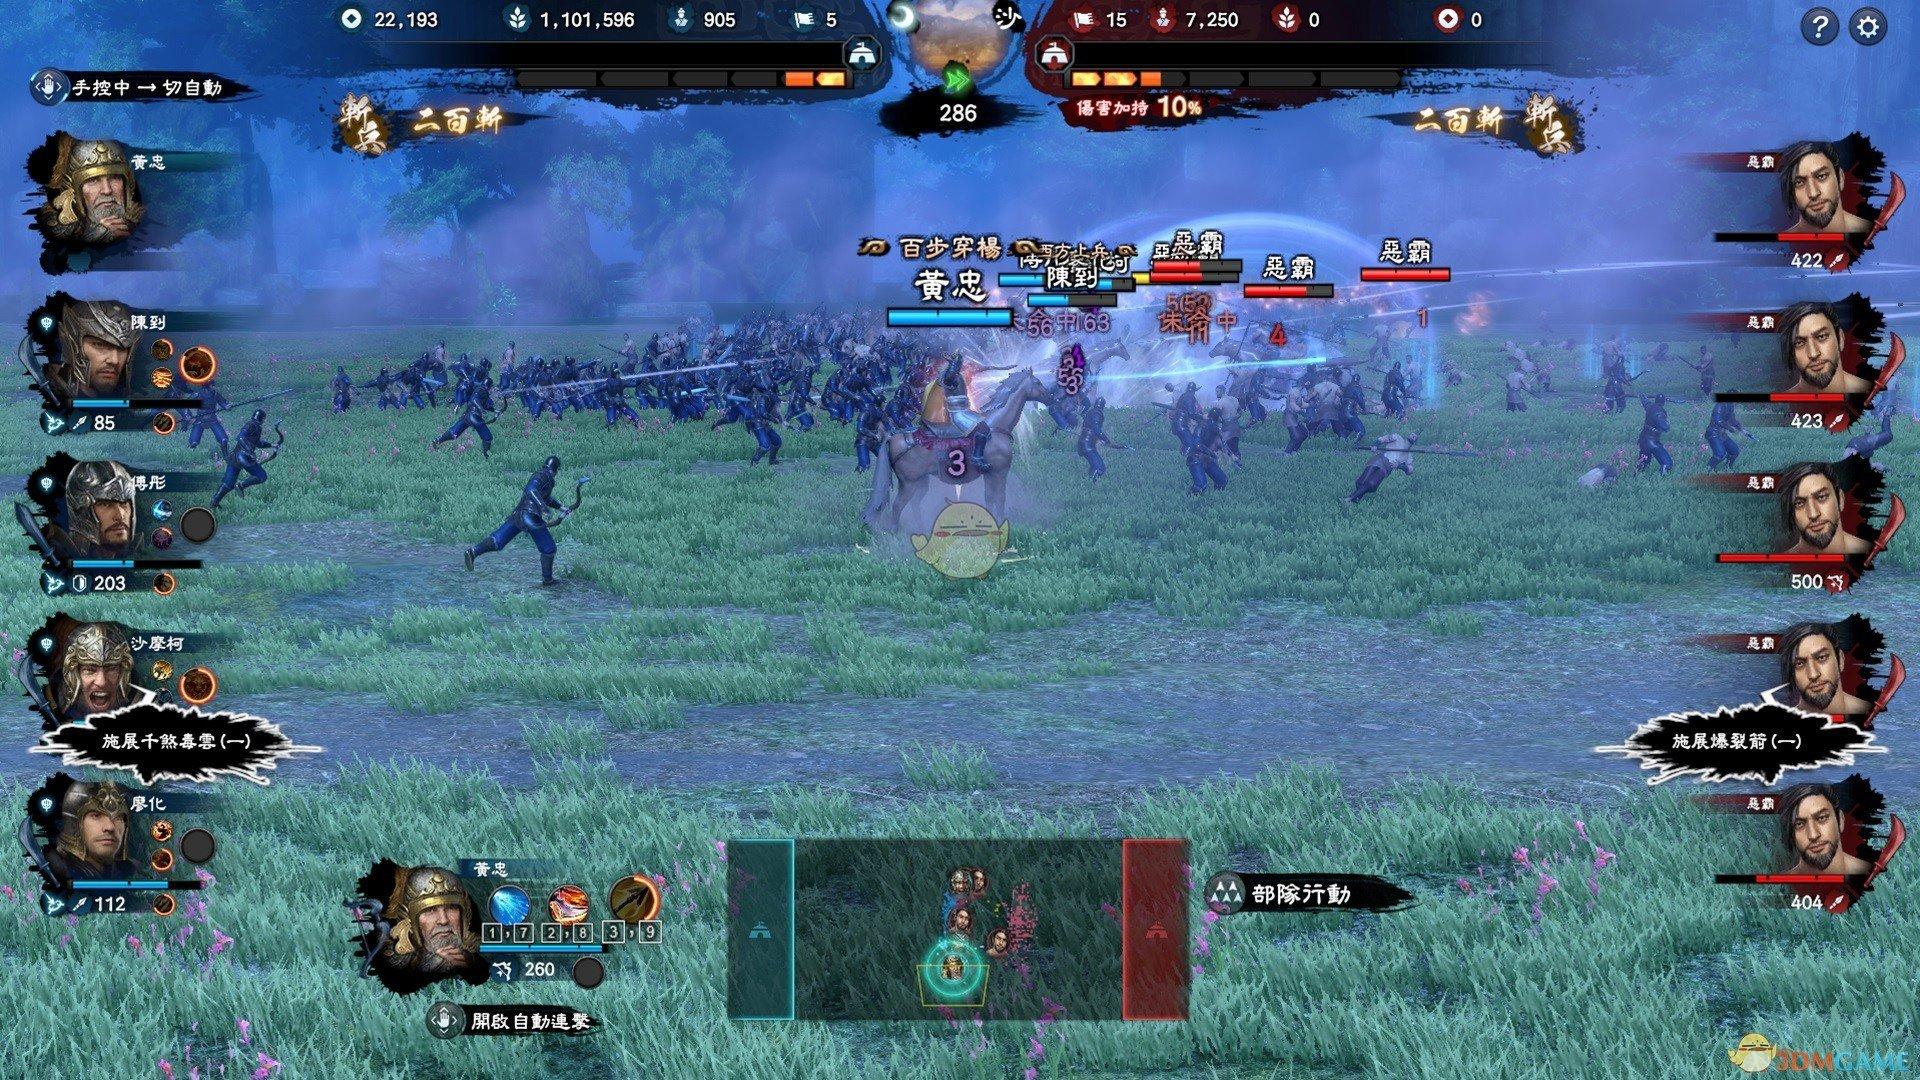 《三国群英传8》游戏特色内容一览